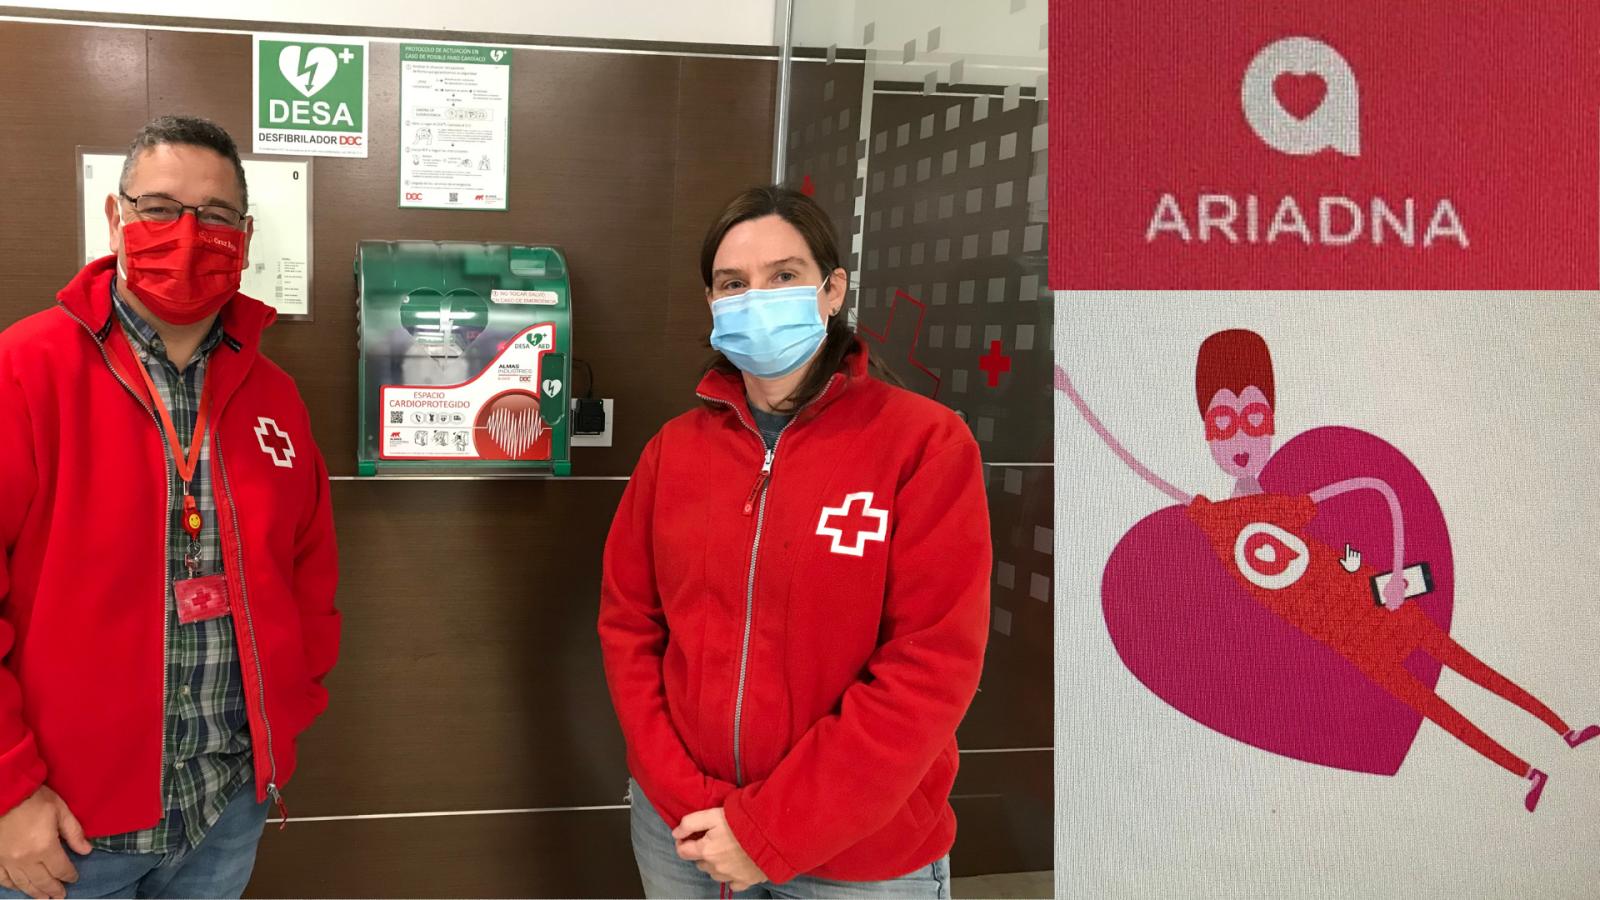 Más cerca - Ariadna: una app por la cardioprotección - Escuchar ahora